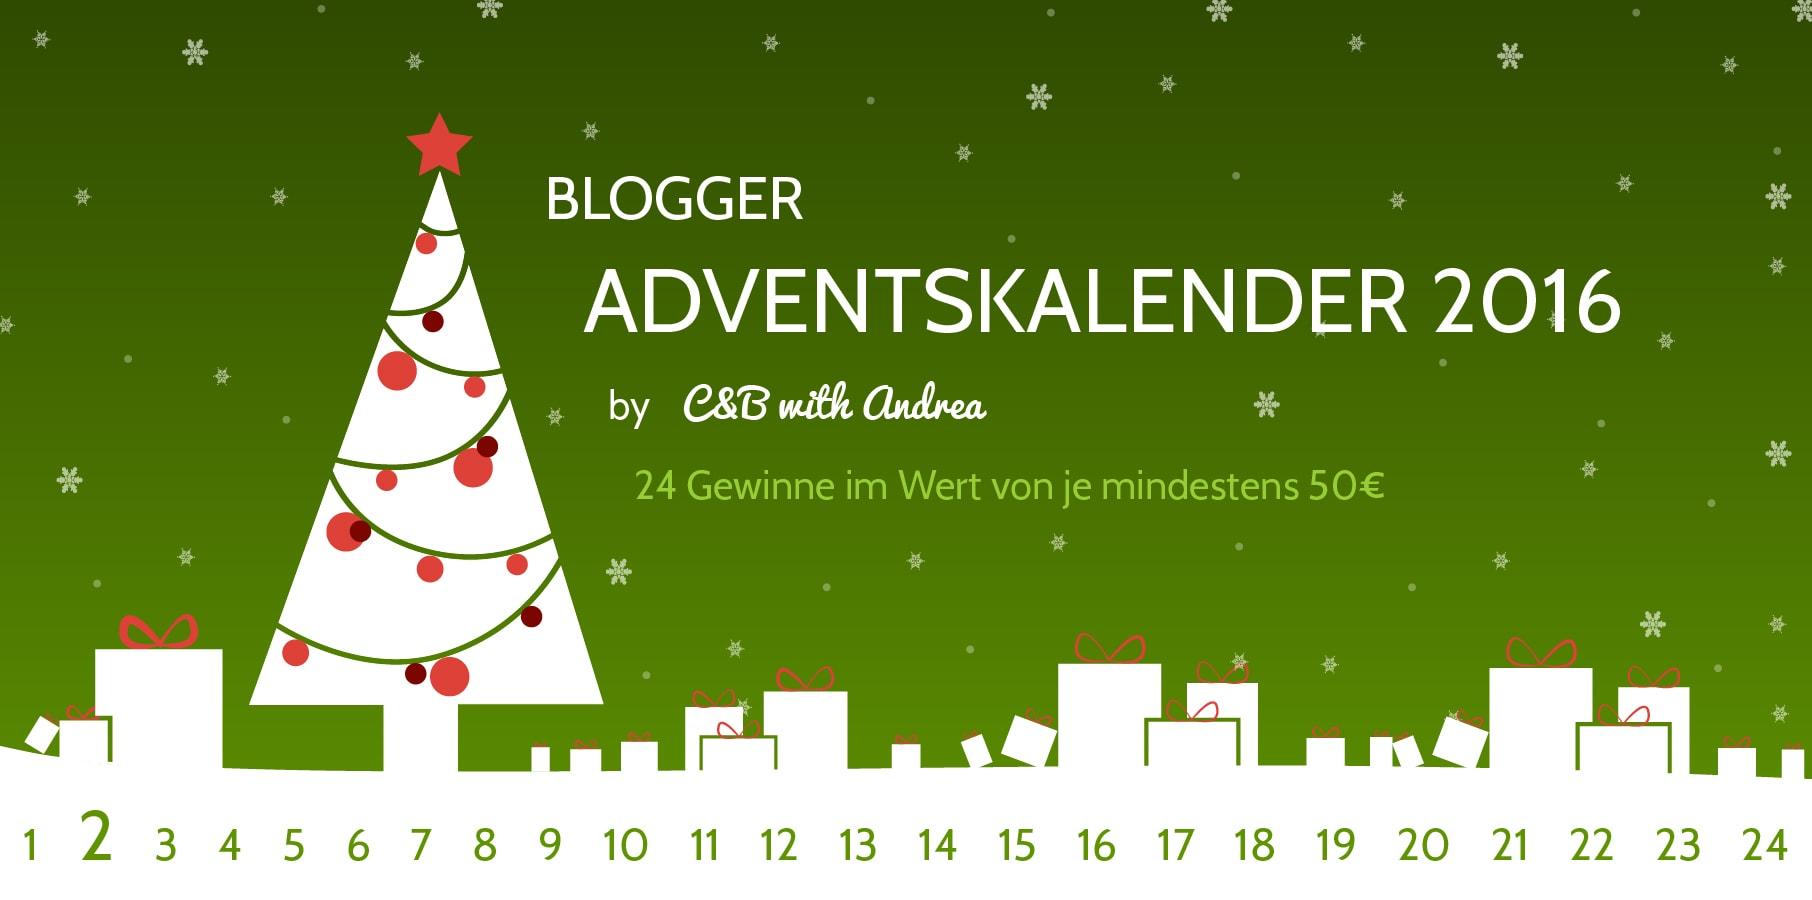 Zitronenknöpfchen & Adventskalender-Gewinnspiel mit C&B with Andrea und Die Hochstapler